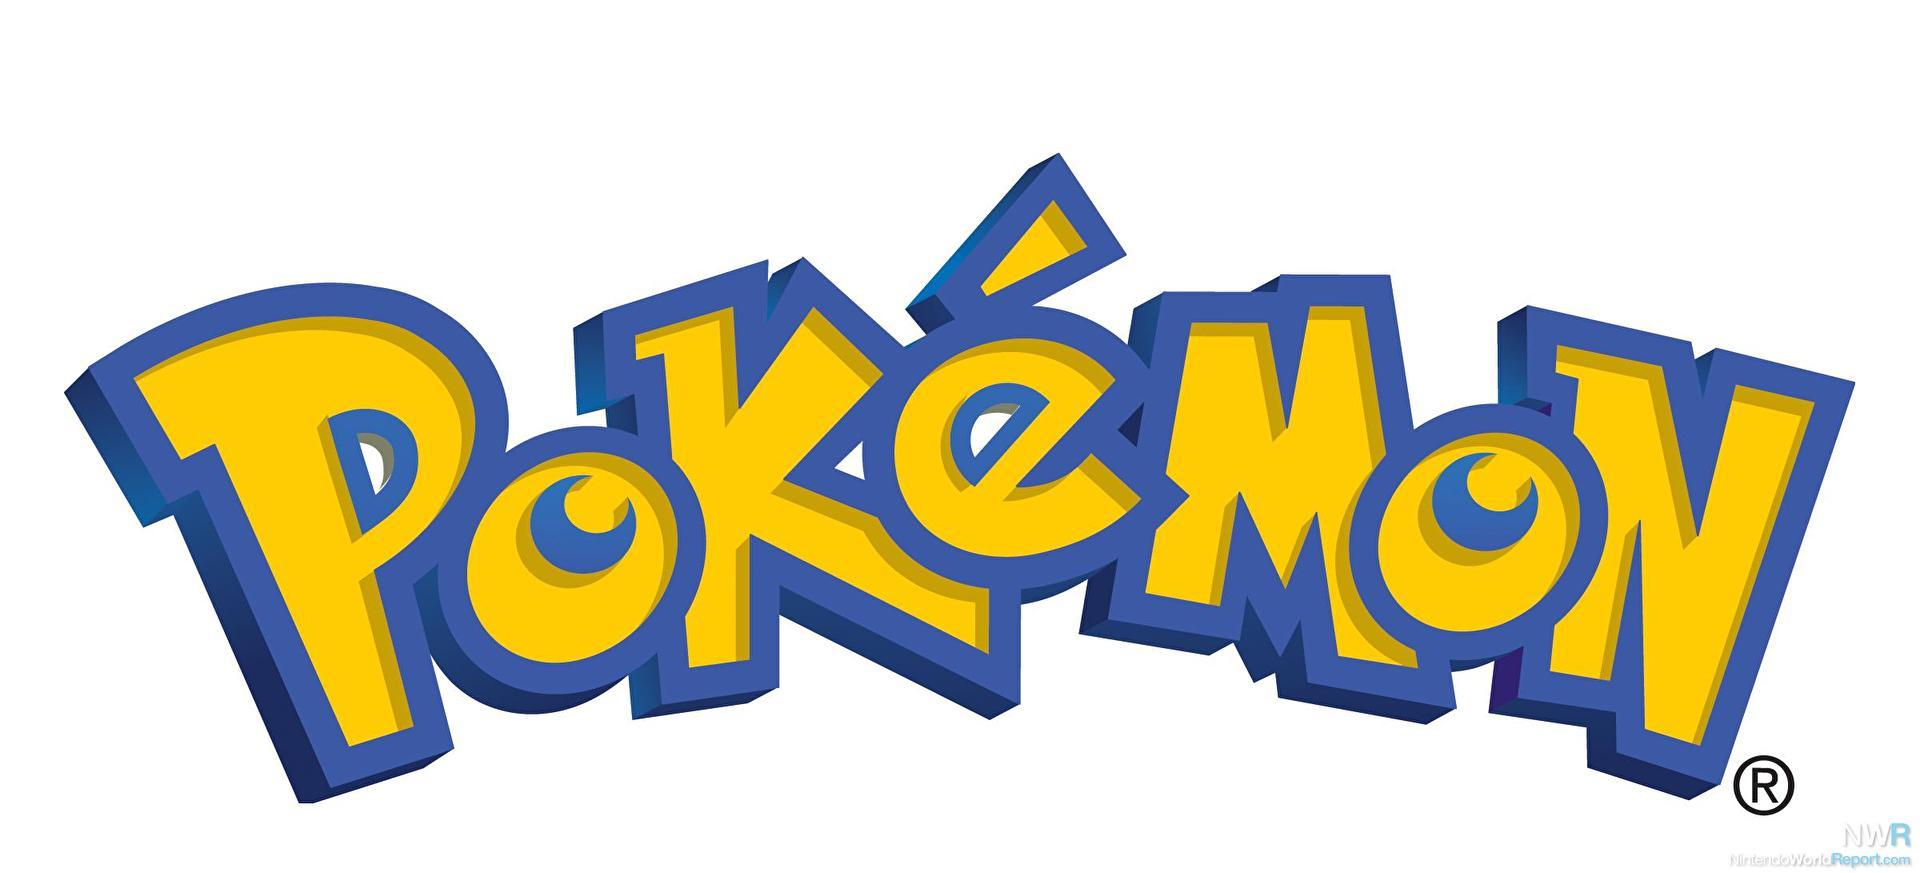 Original Pokémon Anime Theme Song Remixed for Presidential